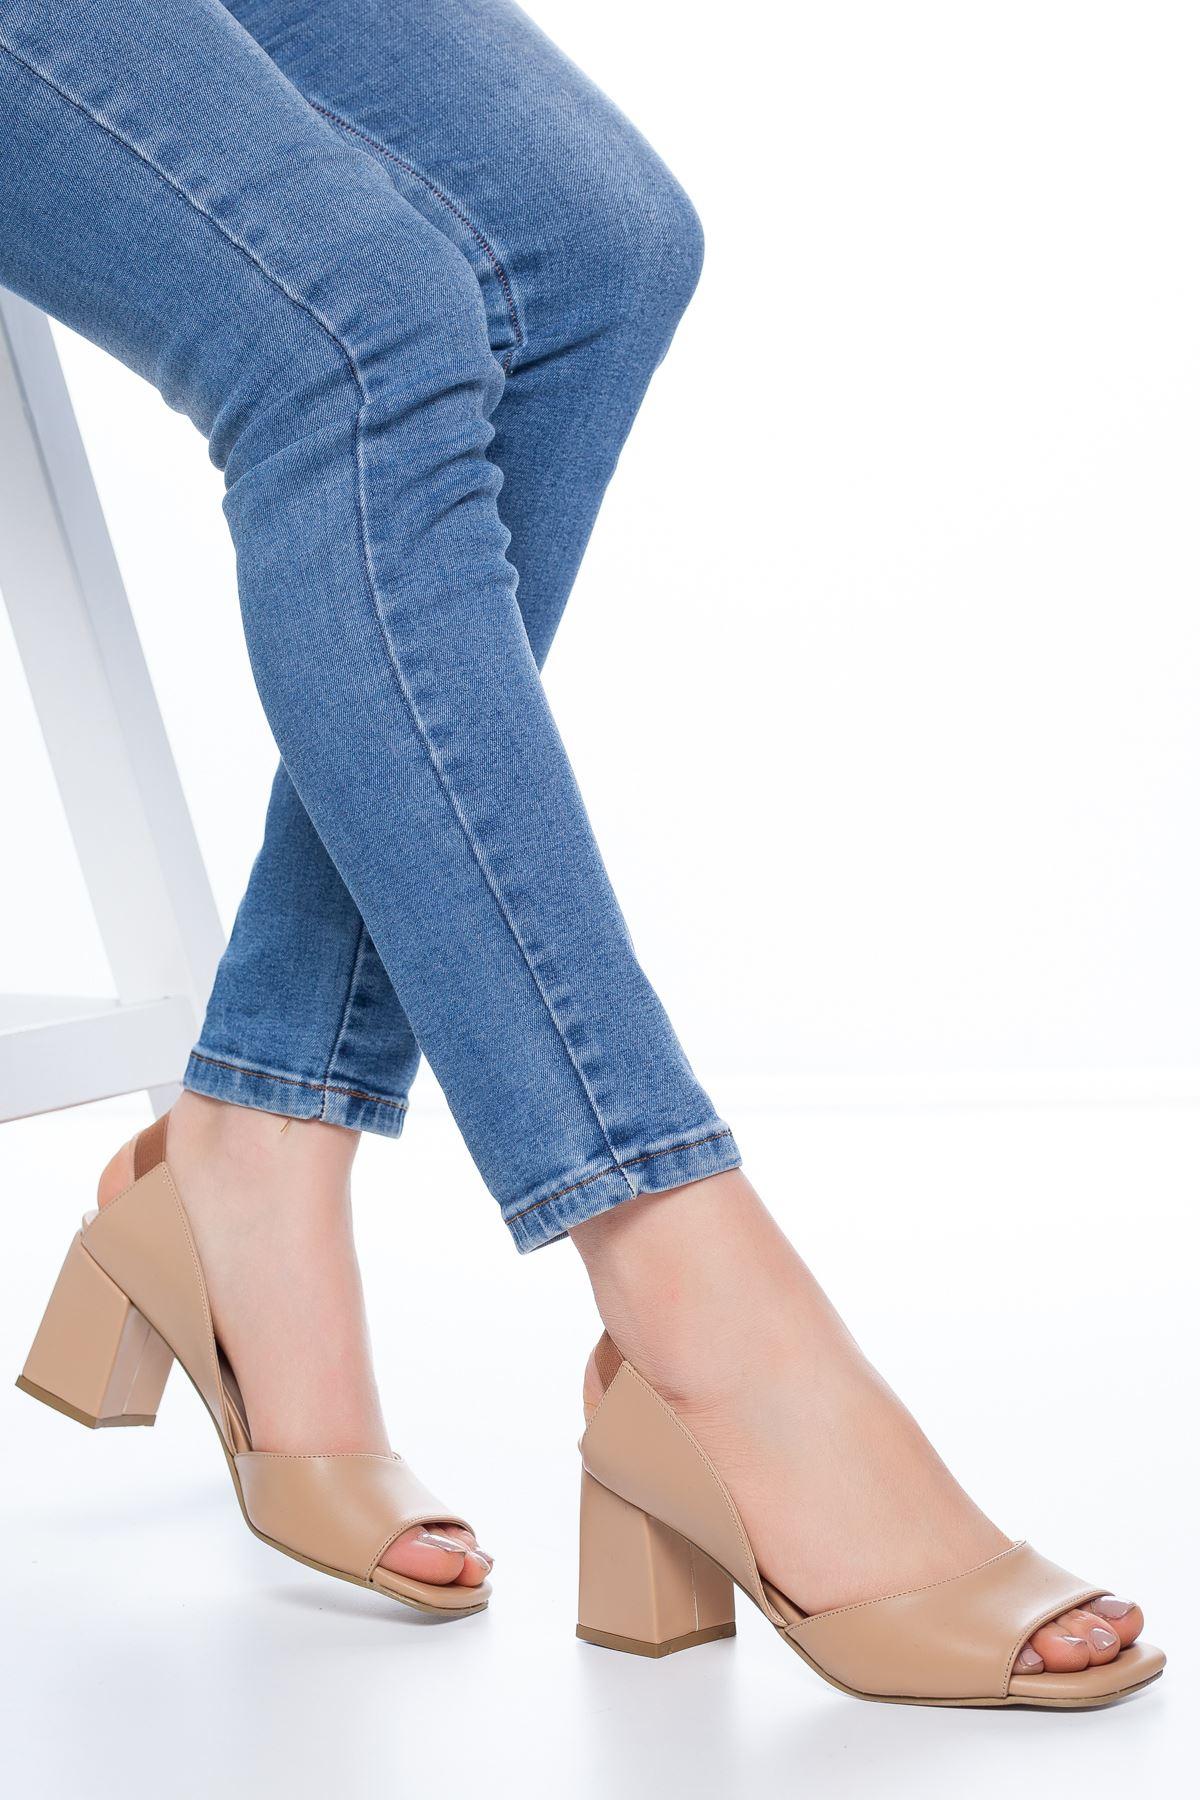 Lessia Topuklu Cilt Ayakkabı Ten